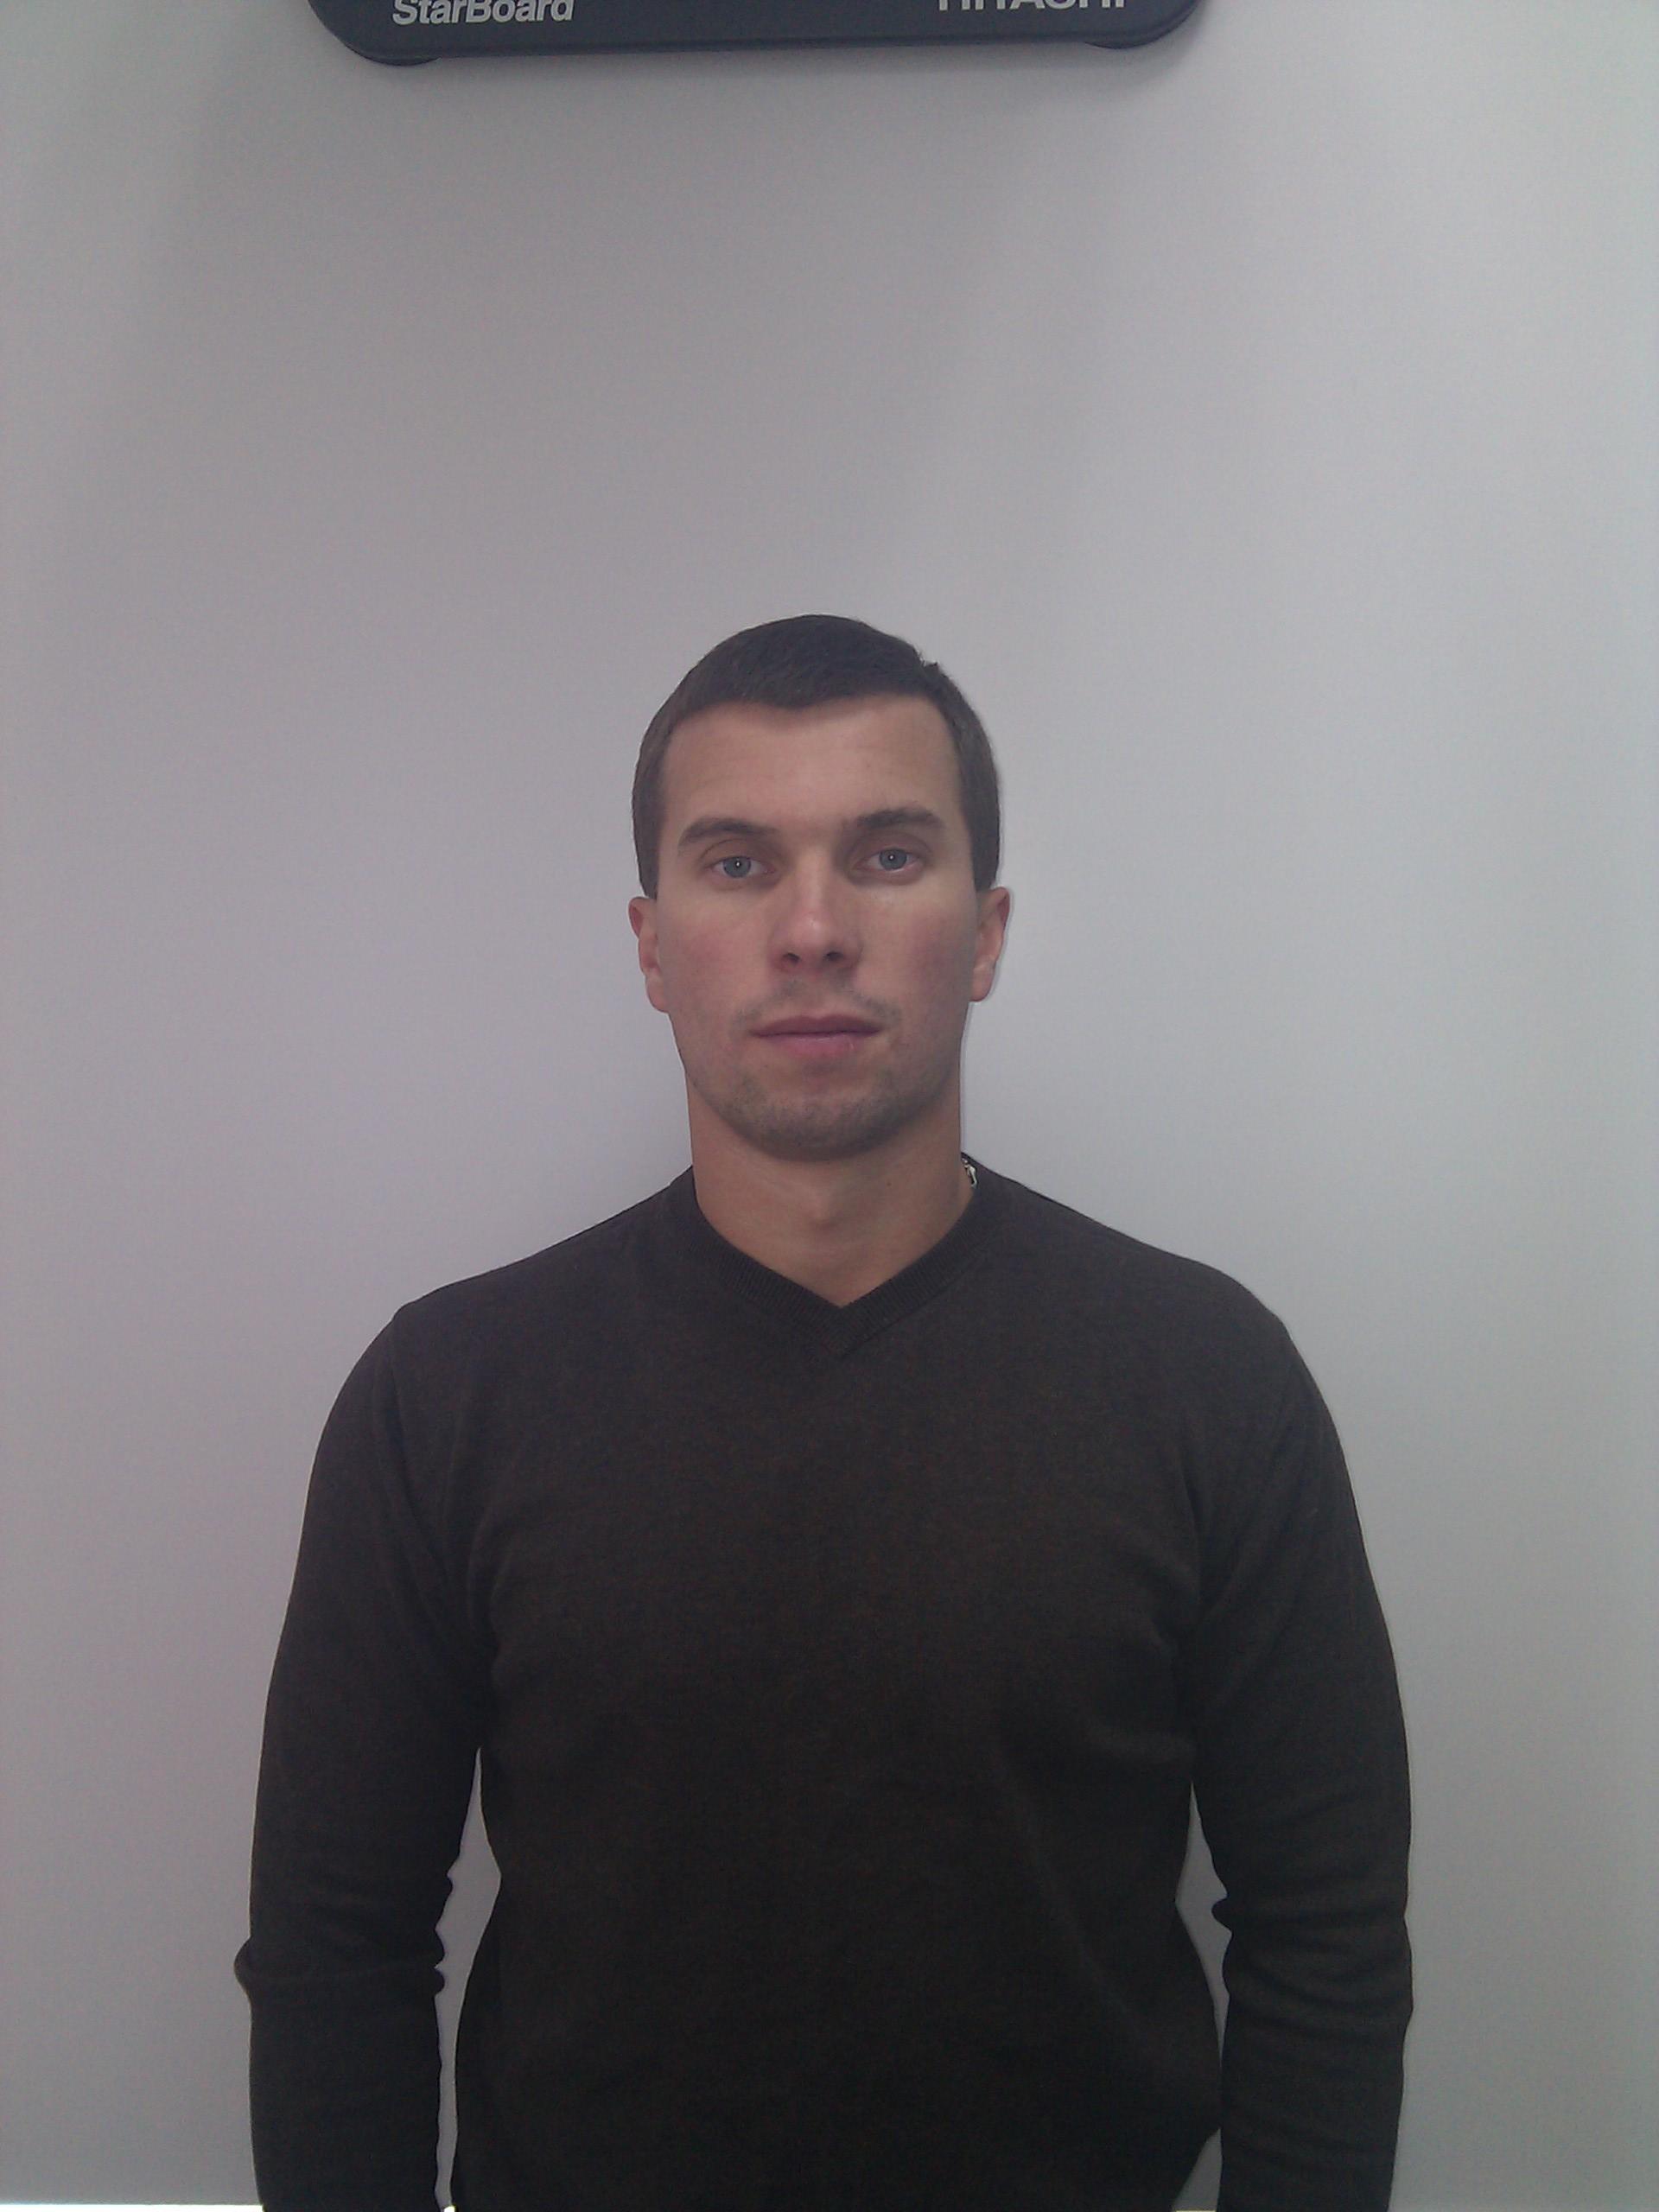 Григорьев Артем Павлович